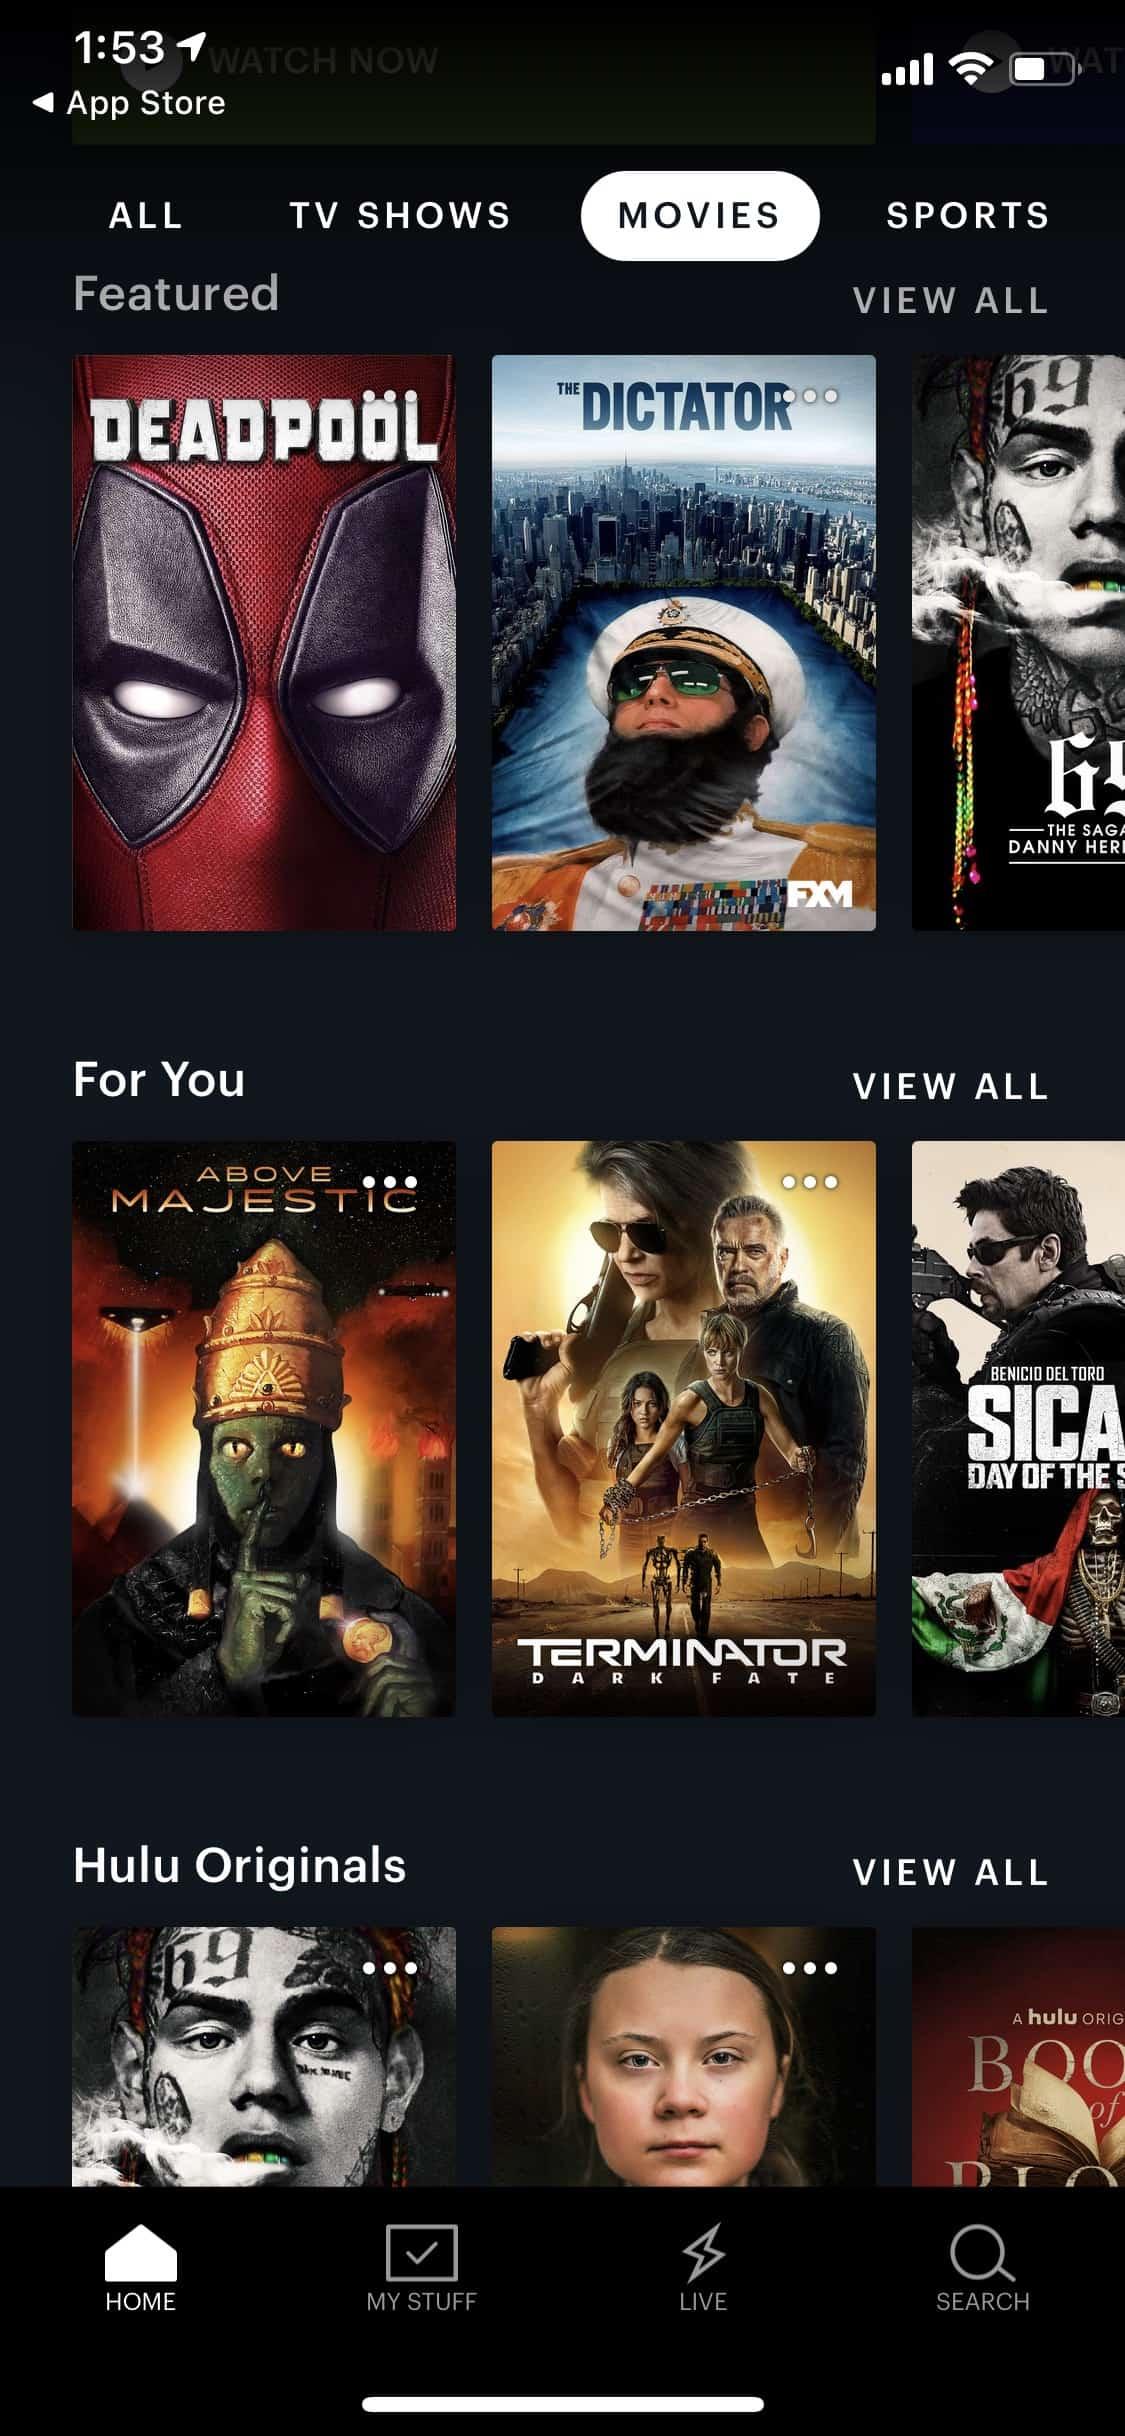 Hulu + Live TV - iOS - Movies